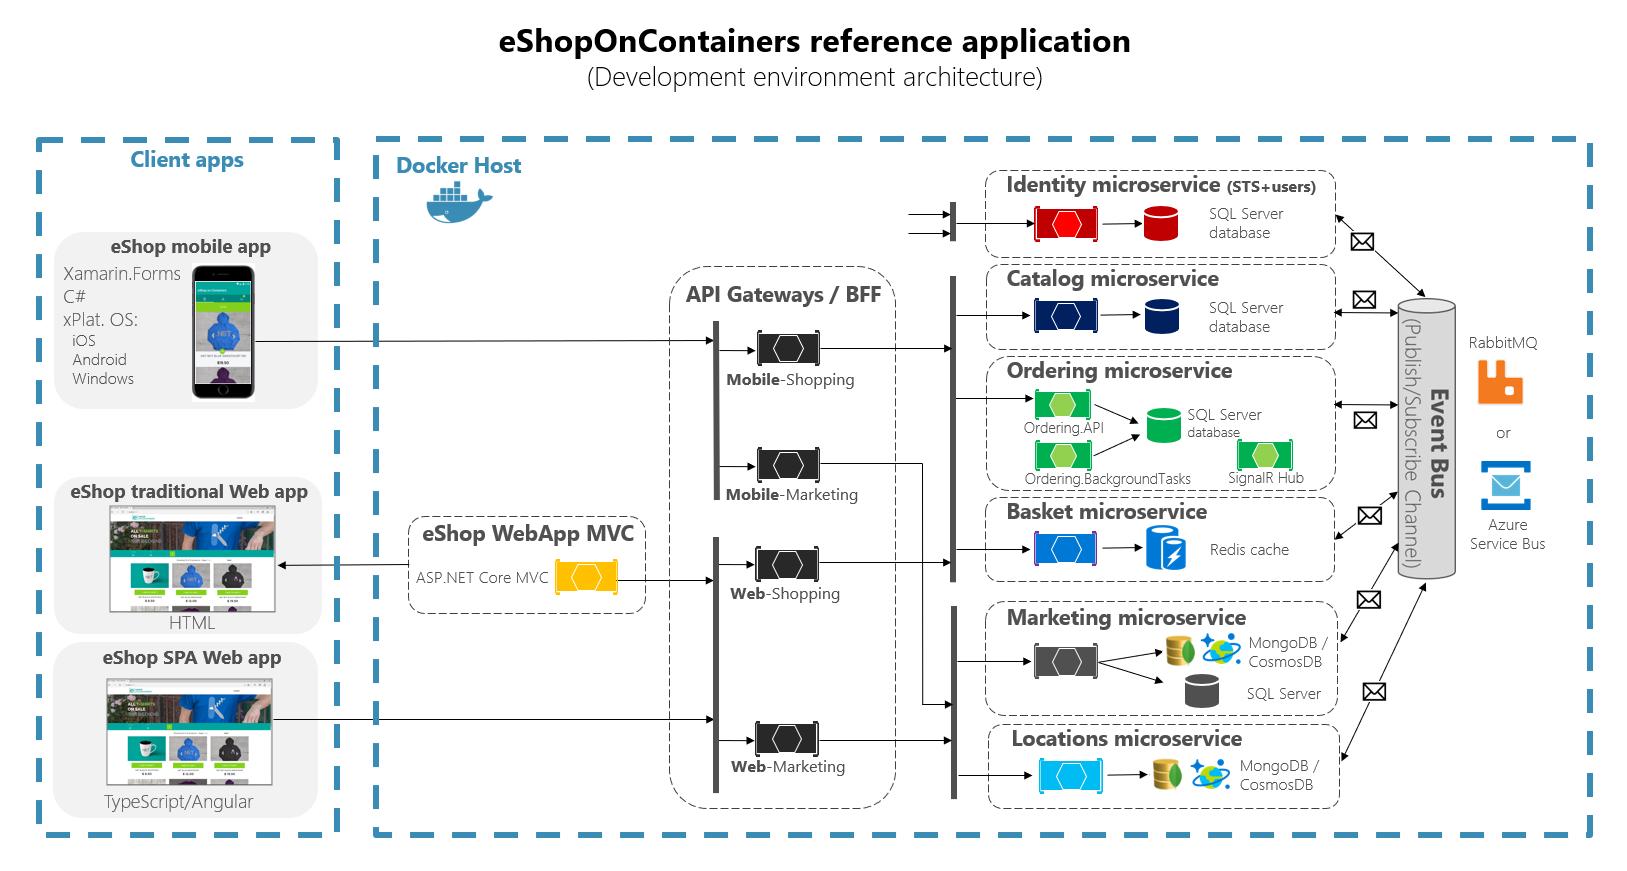 architecture diagram showing client apps